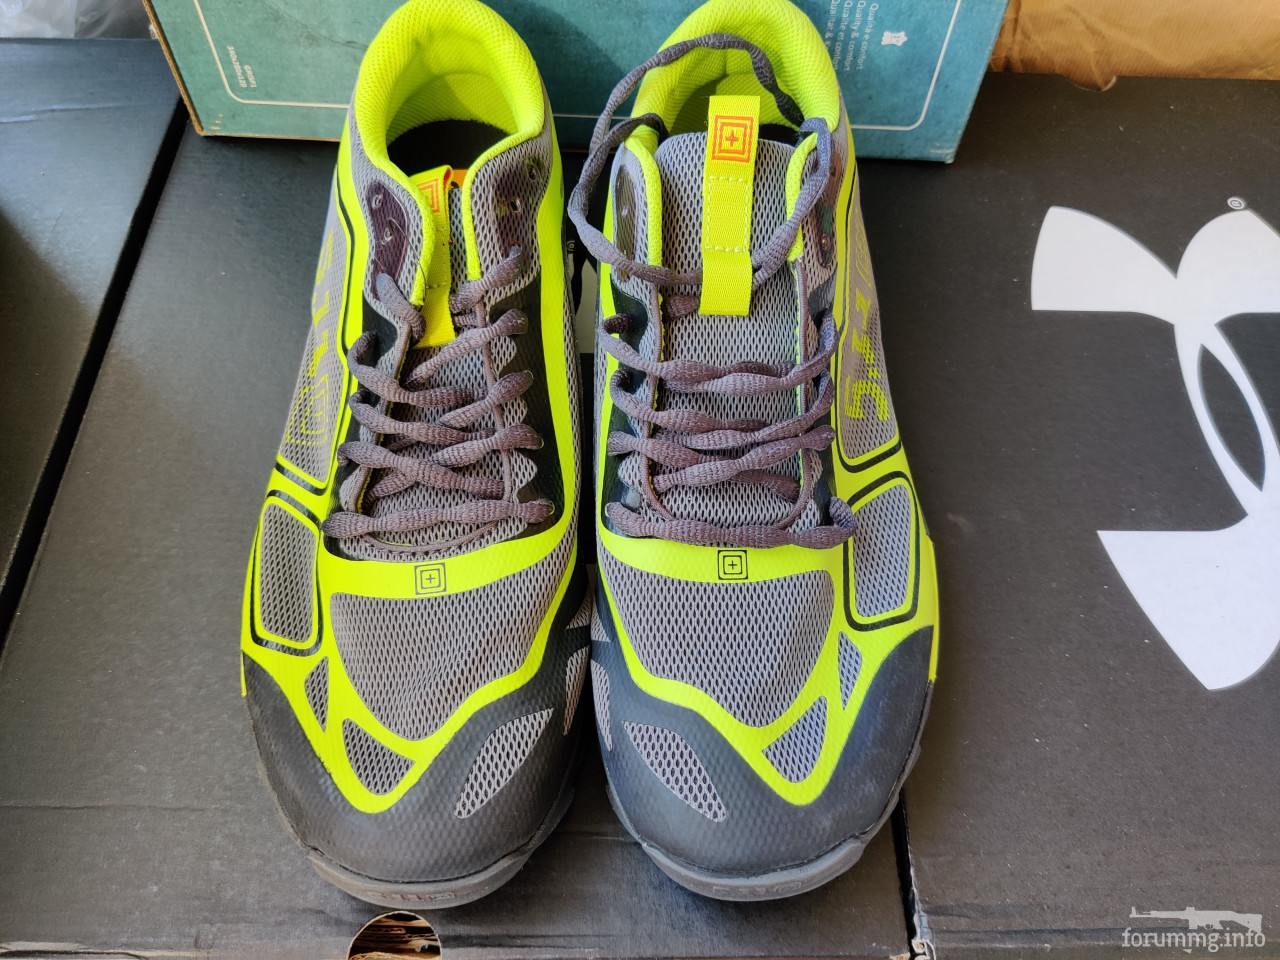 139505 - Тактические кроссовки 5.11,новые без коробок